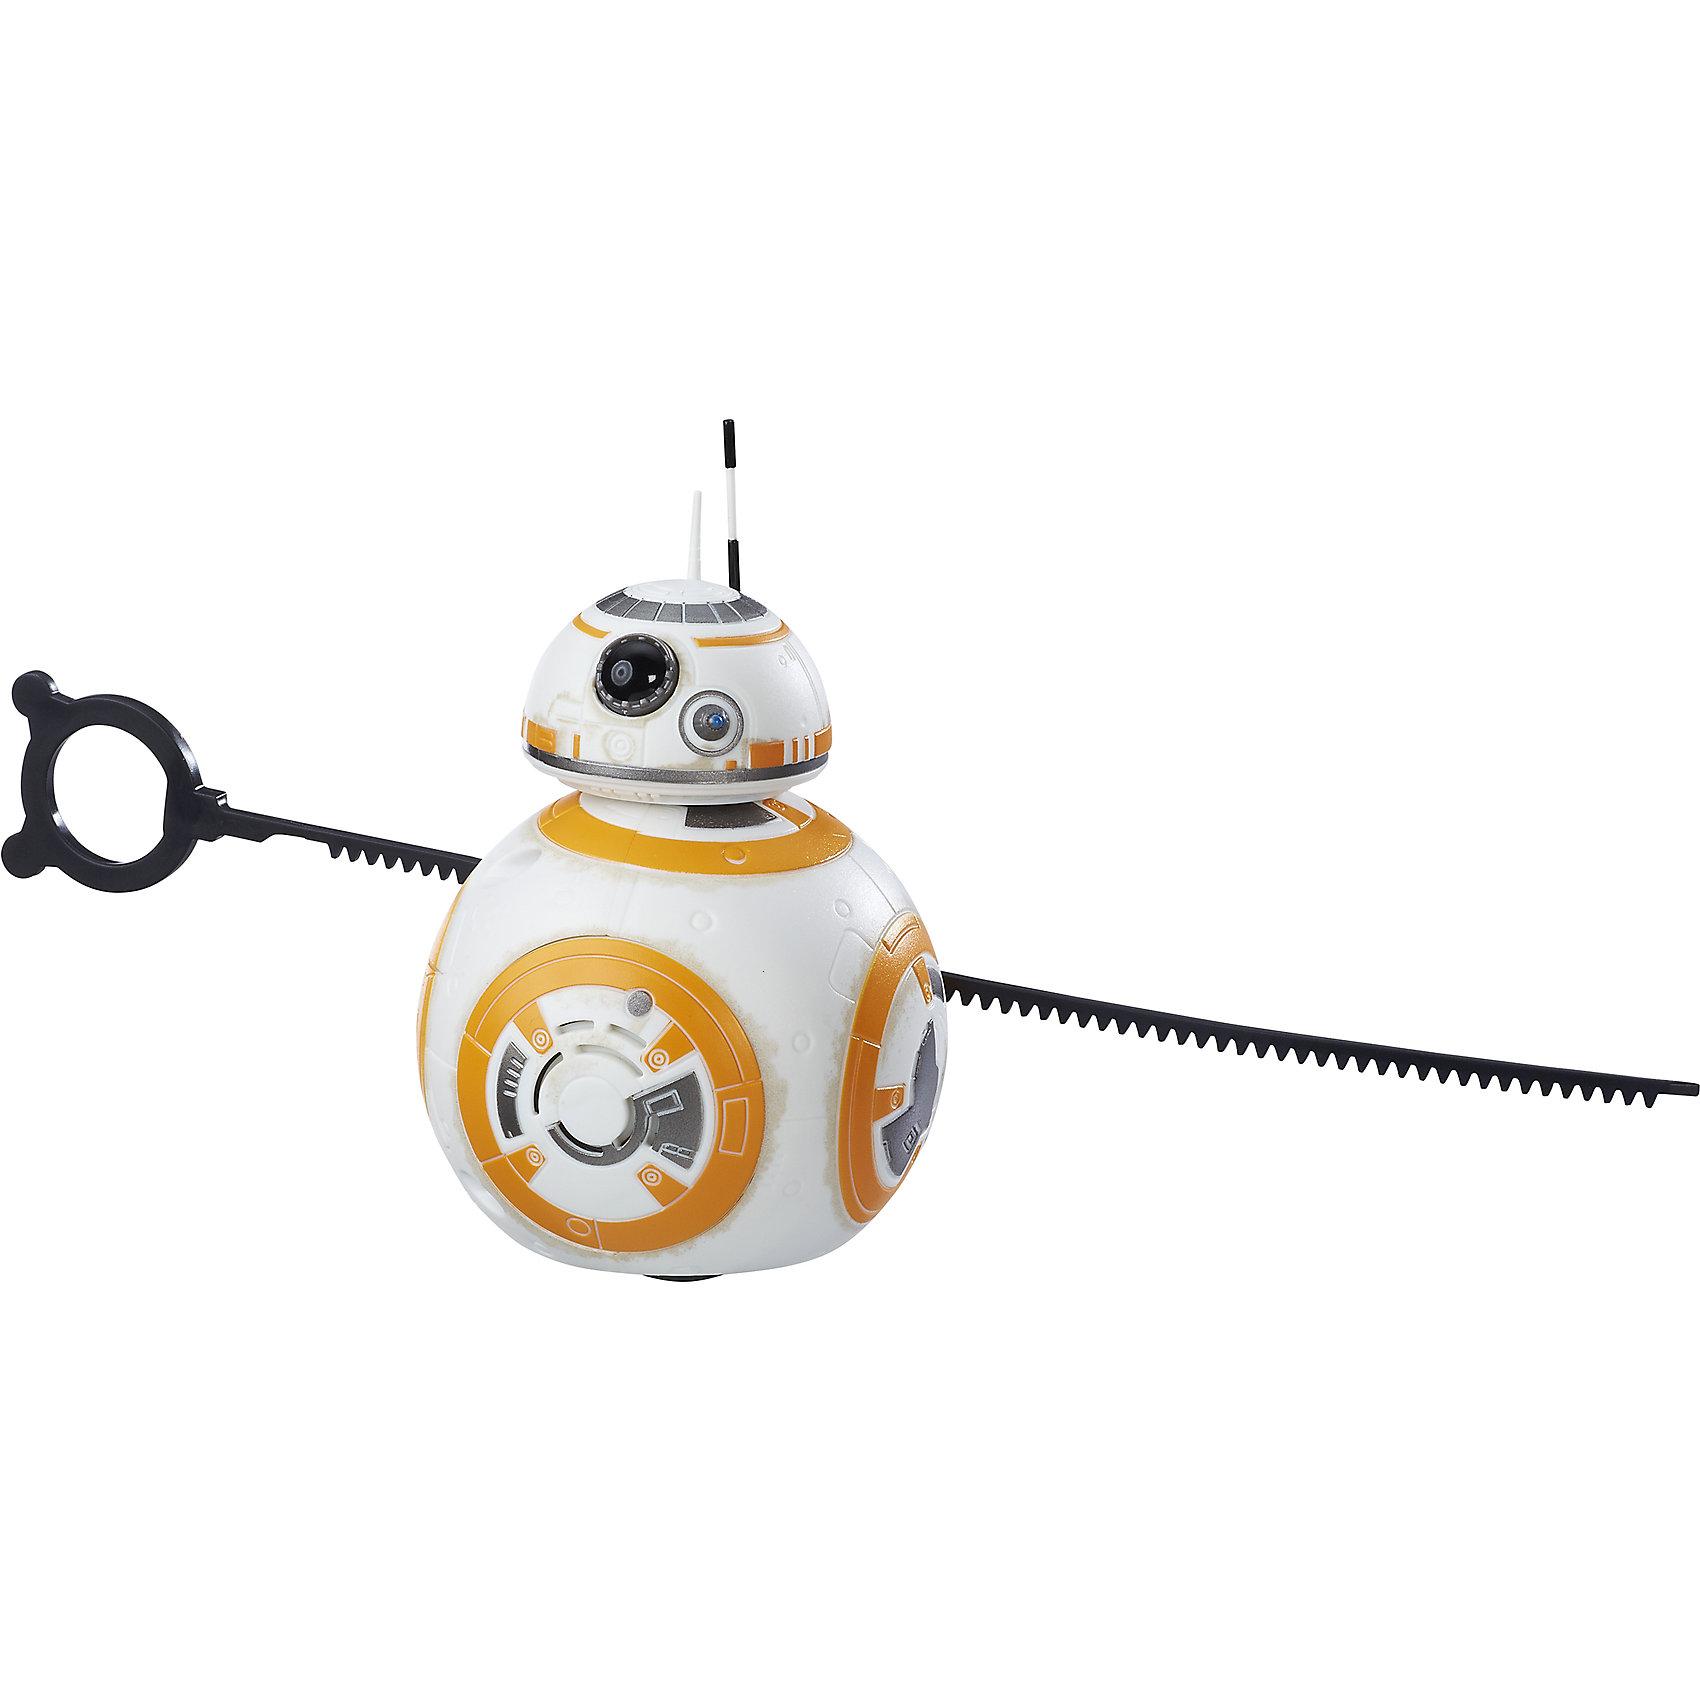 Мобильный дроид Звездных ВойнХарактеристики Звездные Войны мобильного дроида:<br><br>- рекомендуемый возраст: 6-8 лет, 9-12 лет, более 12 лет<br>- пол: для мальчиков<br>- бренд : star wars (hasbro)<br>- размер упаковки: 0.150 * 0.009 * 0.150 см.<br><br>Star Wars Мобильный дроид – очень классная игрушка, созданная по мотивам 7-ого эпизода фильма Звездные войны! Она представляет одного из персонажей киноленты - робота-дроида BB-8. Он выполнен очень реалистично, тщательно проработан и выглядит в точности также,  как в фильме. Кроме того, дроид функционален: он оснащен звуковыми эффектами, а также его можно приводить в движение при помощи вытяжного троса, который прилагается в комплекте.<br><br>Игрушка выполнена из высококачественных материалов, прочных и долговечных, выглядит очень ярко и эффектно. Такой дроид станет отличным подарком не только для ребенка, но и взрослого поклонника вселенной Star Wars. Дроид работает от 2 батареек типа ААА (не входят в комплект, приобретаются отдельно).<br><br>Звездные Войны Мобильный дроид можно купить в нашем интернет-магазине.<br><br>Ширина мм: 89<br>Глубина мм: 140<br>Высота мм: 191<br>Вес г: 376<br>Возраст от месяцев: 48<br>Возраст до месяцев: 144<br>Пол: Мужской<br>Возраст: Детский<br>SKU: 5245122